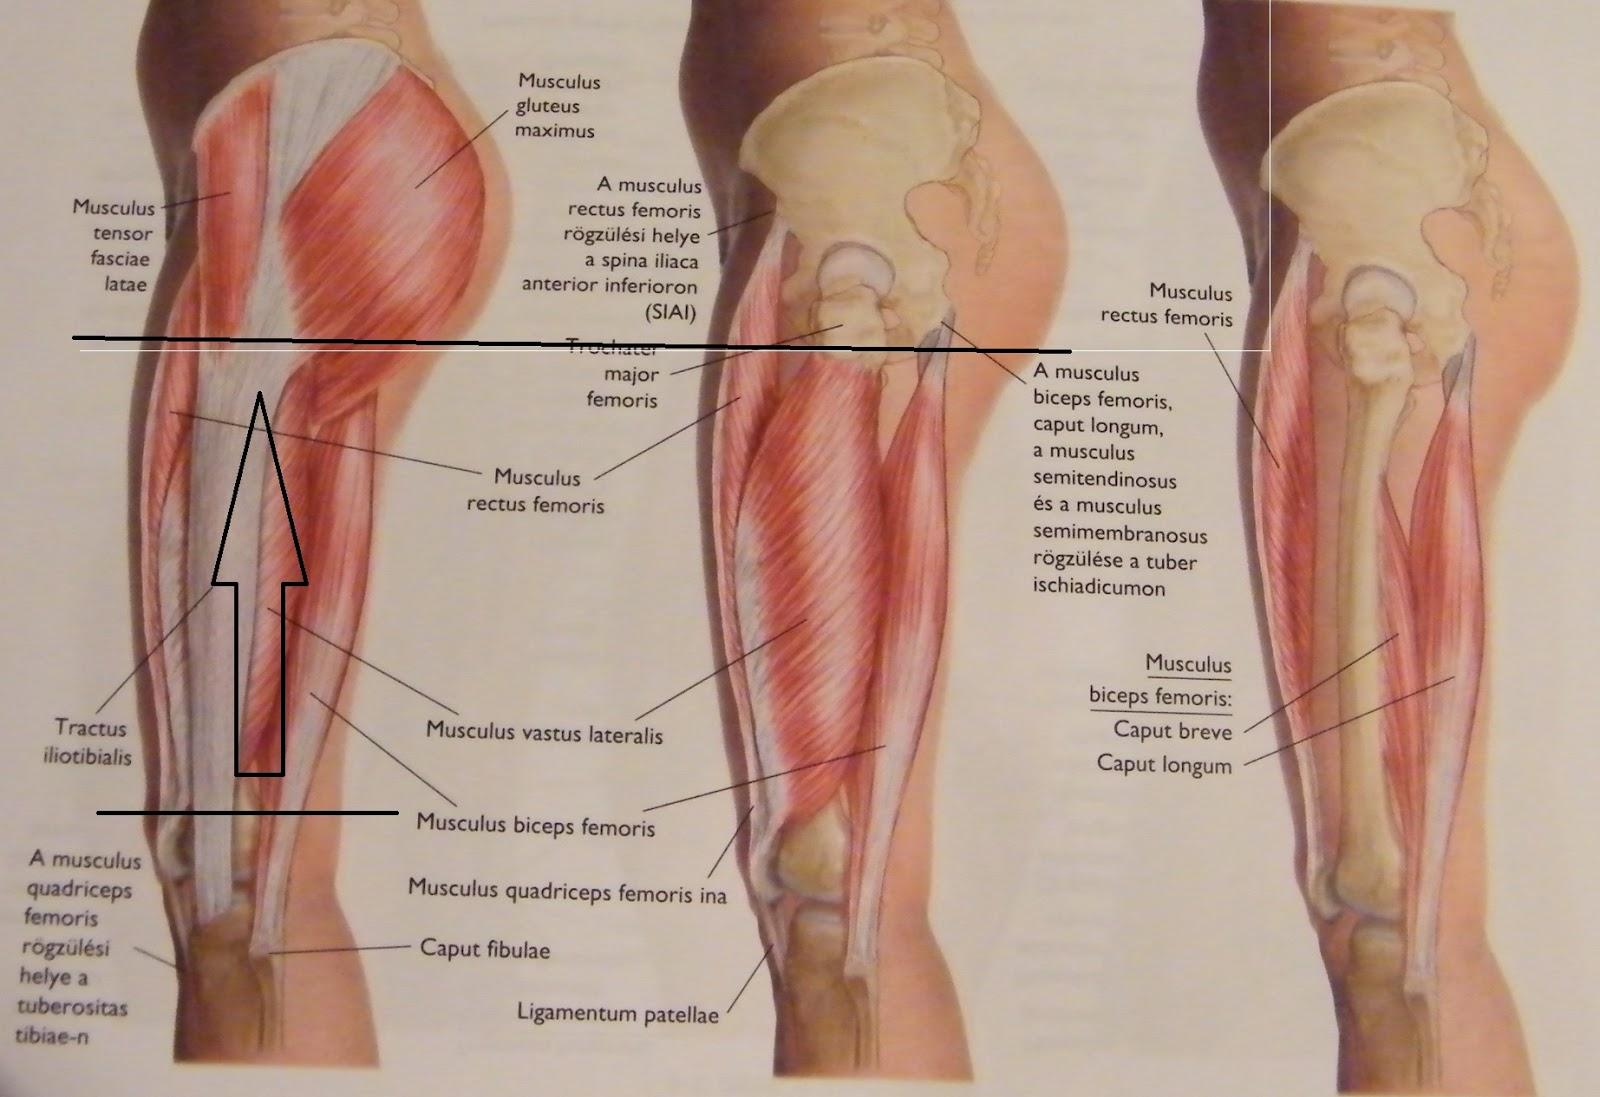 csípő és lágyékfájdalom amint azt az ízületi fájdalom is bizonyítja